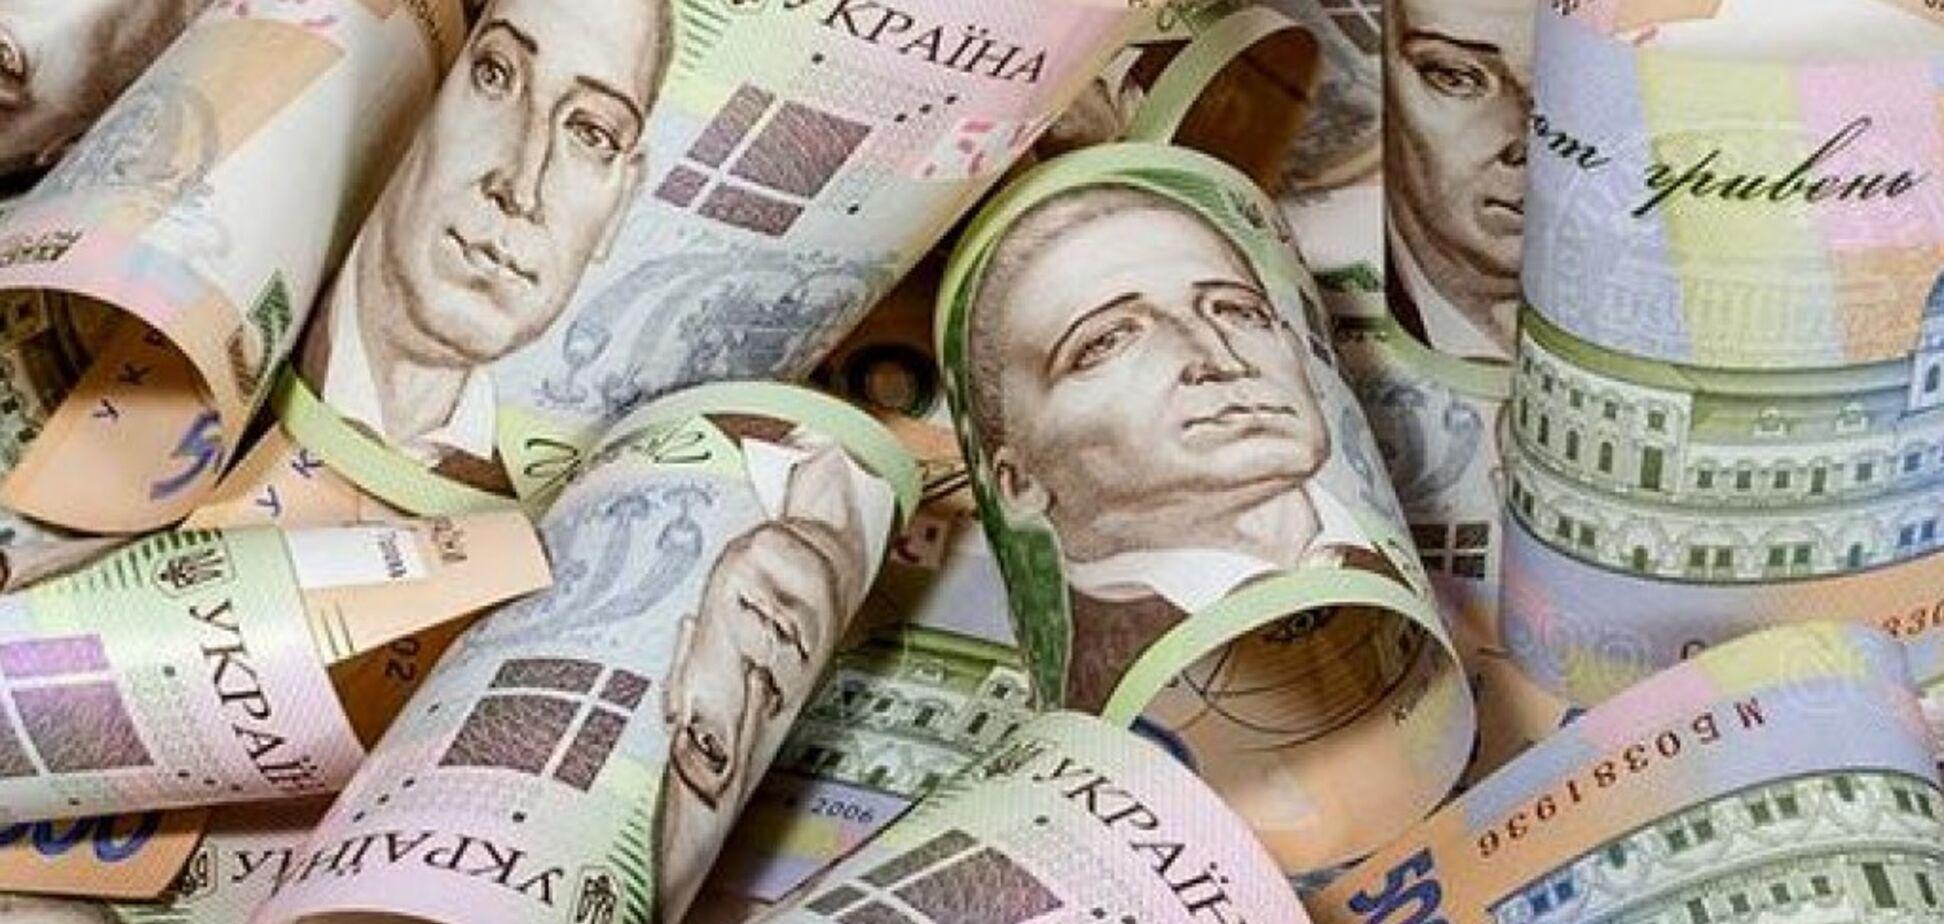 Украинцам подарят деньги на собственный бизнес: что задумали в Кабмине